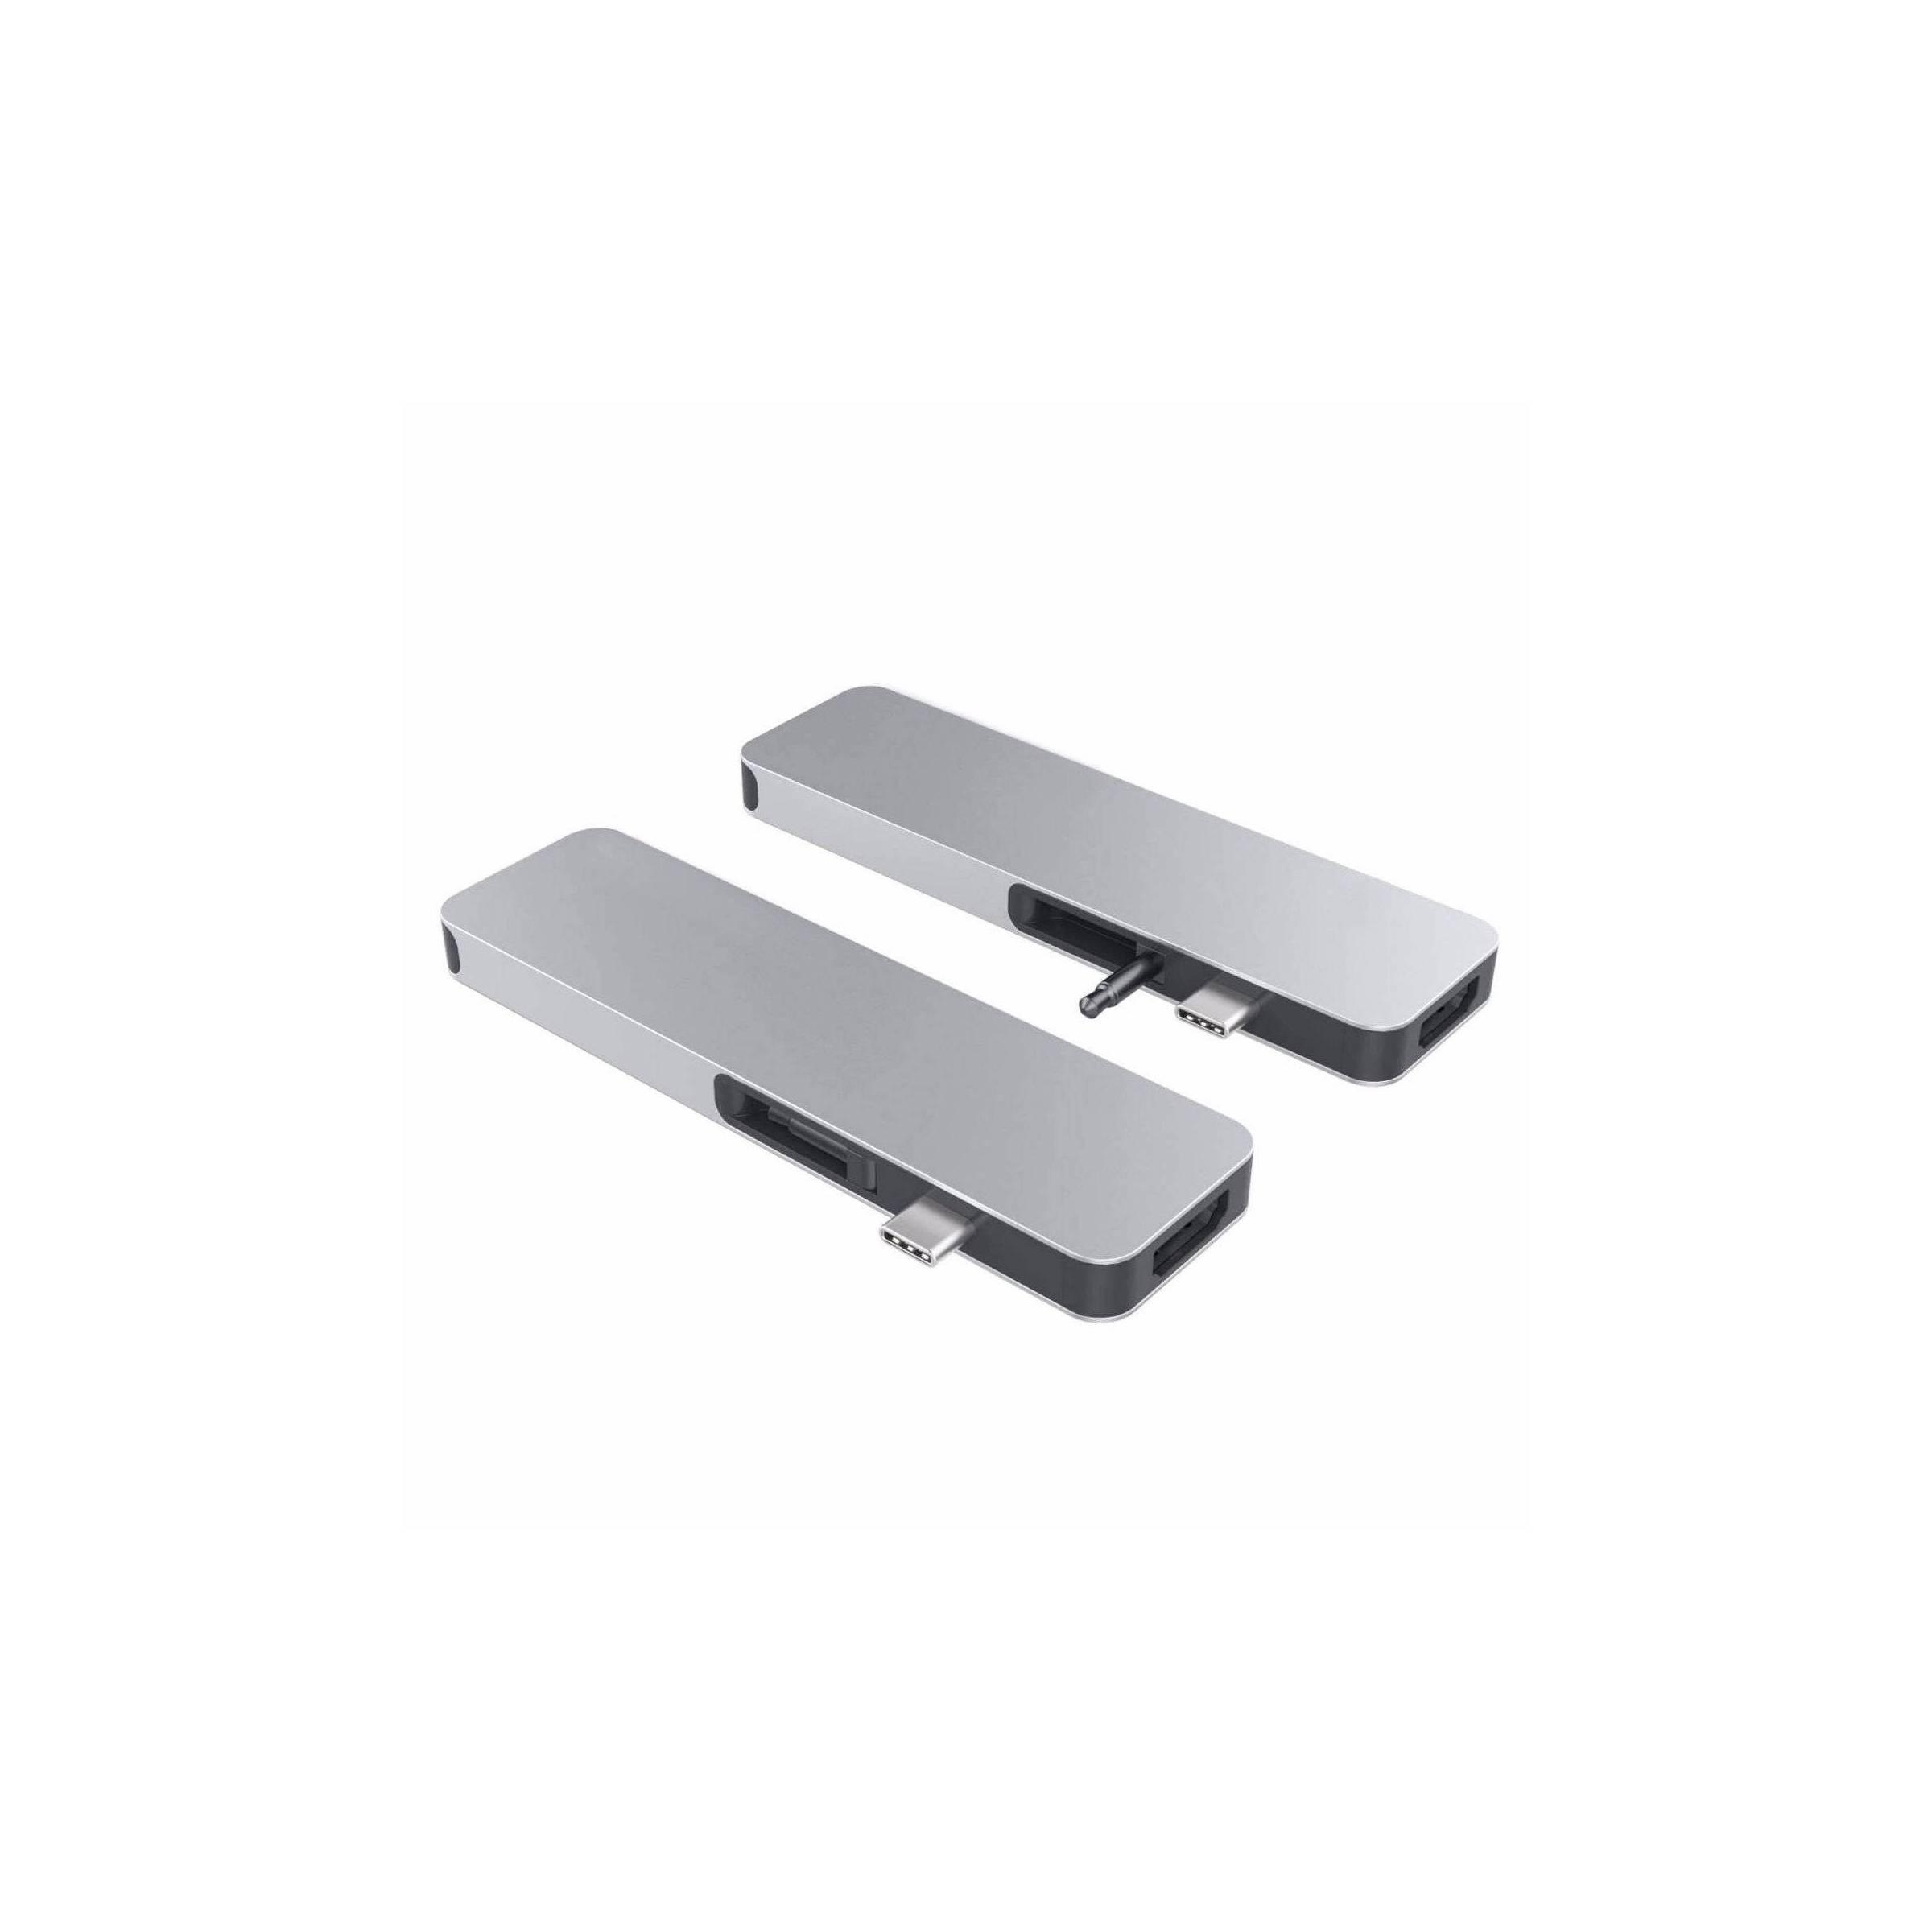 hyper by sanho corporation Hyperdrive solo hub til macbook og usb-c enheder 7-i-1 farve sølv farve på mackabler.dk